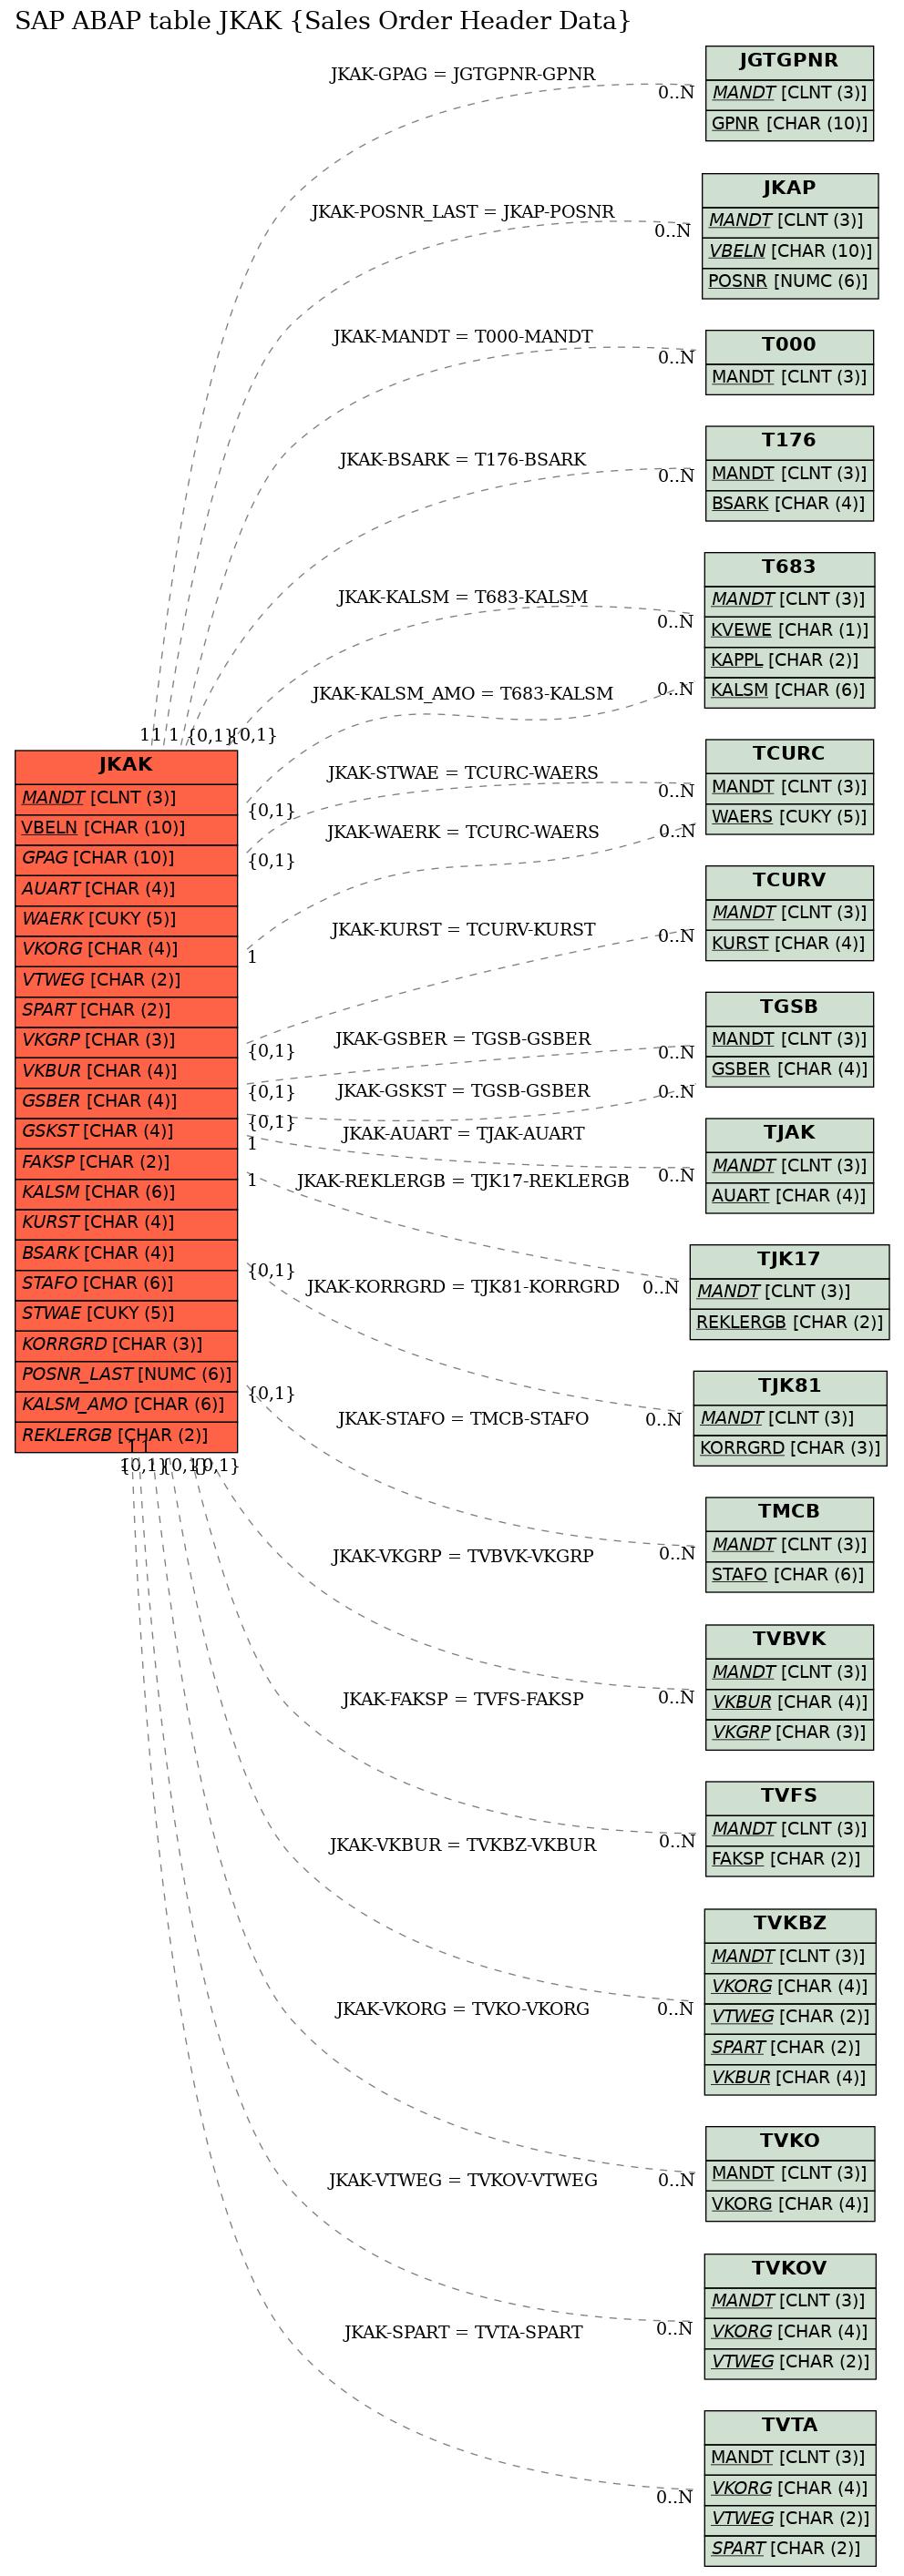 E-R Diagram for table JKAK (Sales Order Header Data)